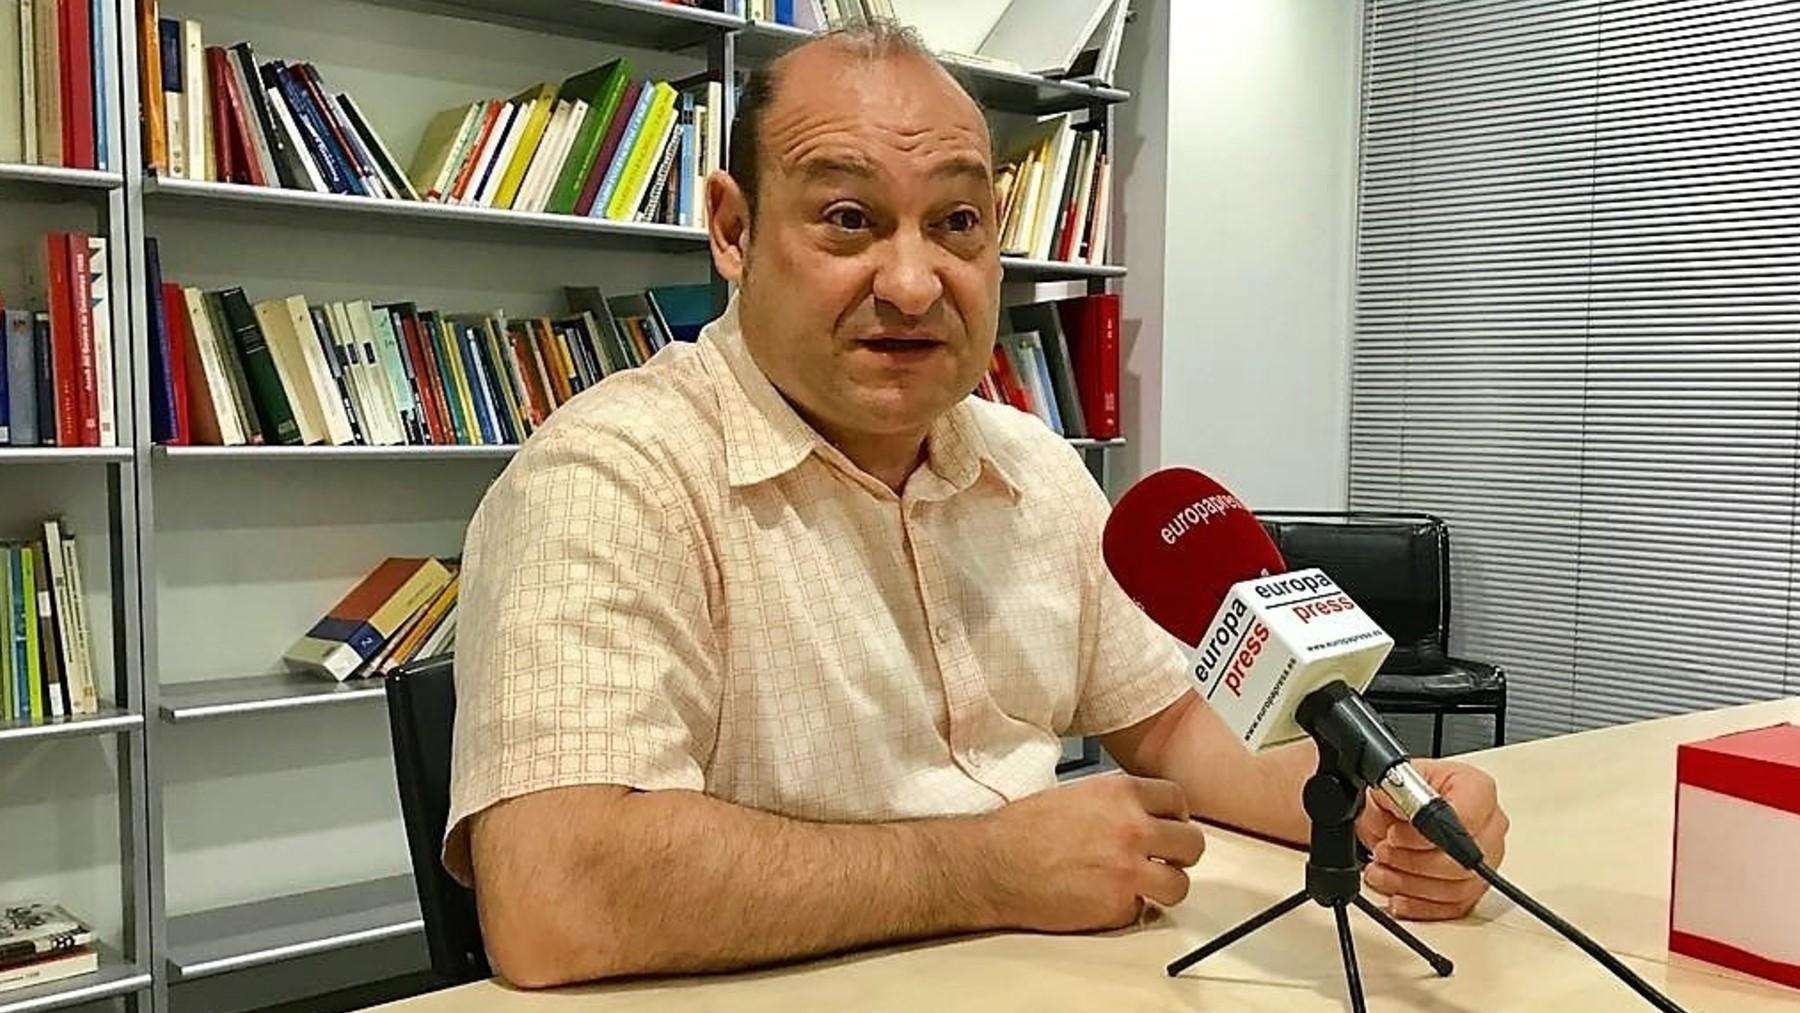 El alcalde socialista de Viladecans, Carles Ruiz. (Foto: Europa Press)